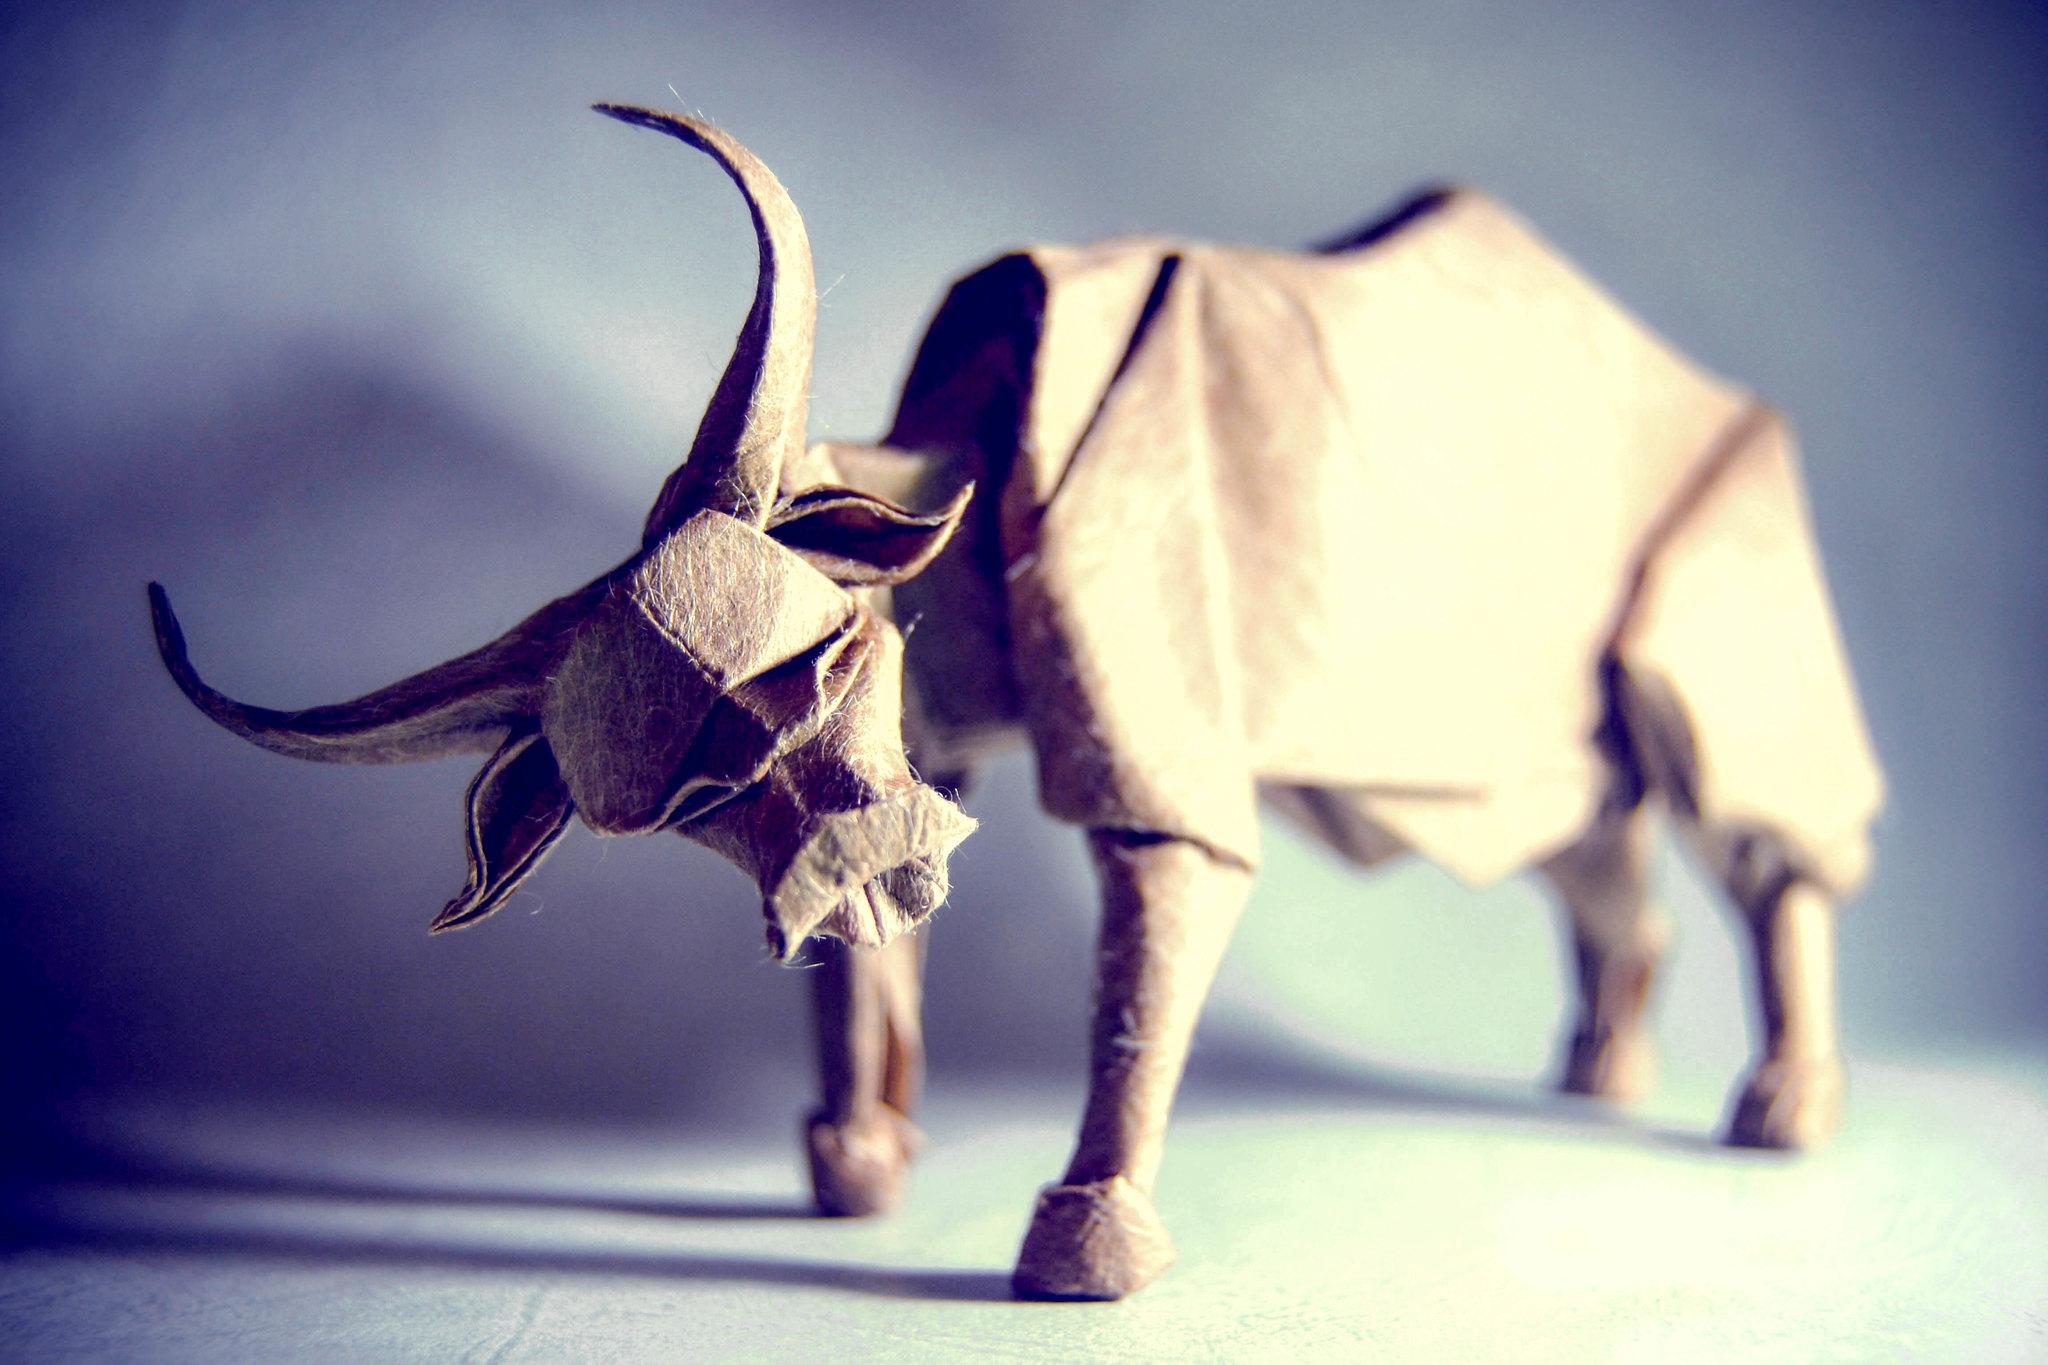 Origami Water Buffalo - Nguyen Hung Cuong